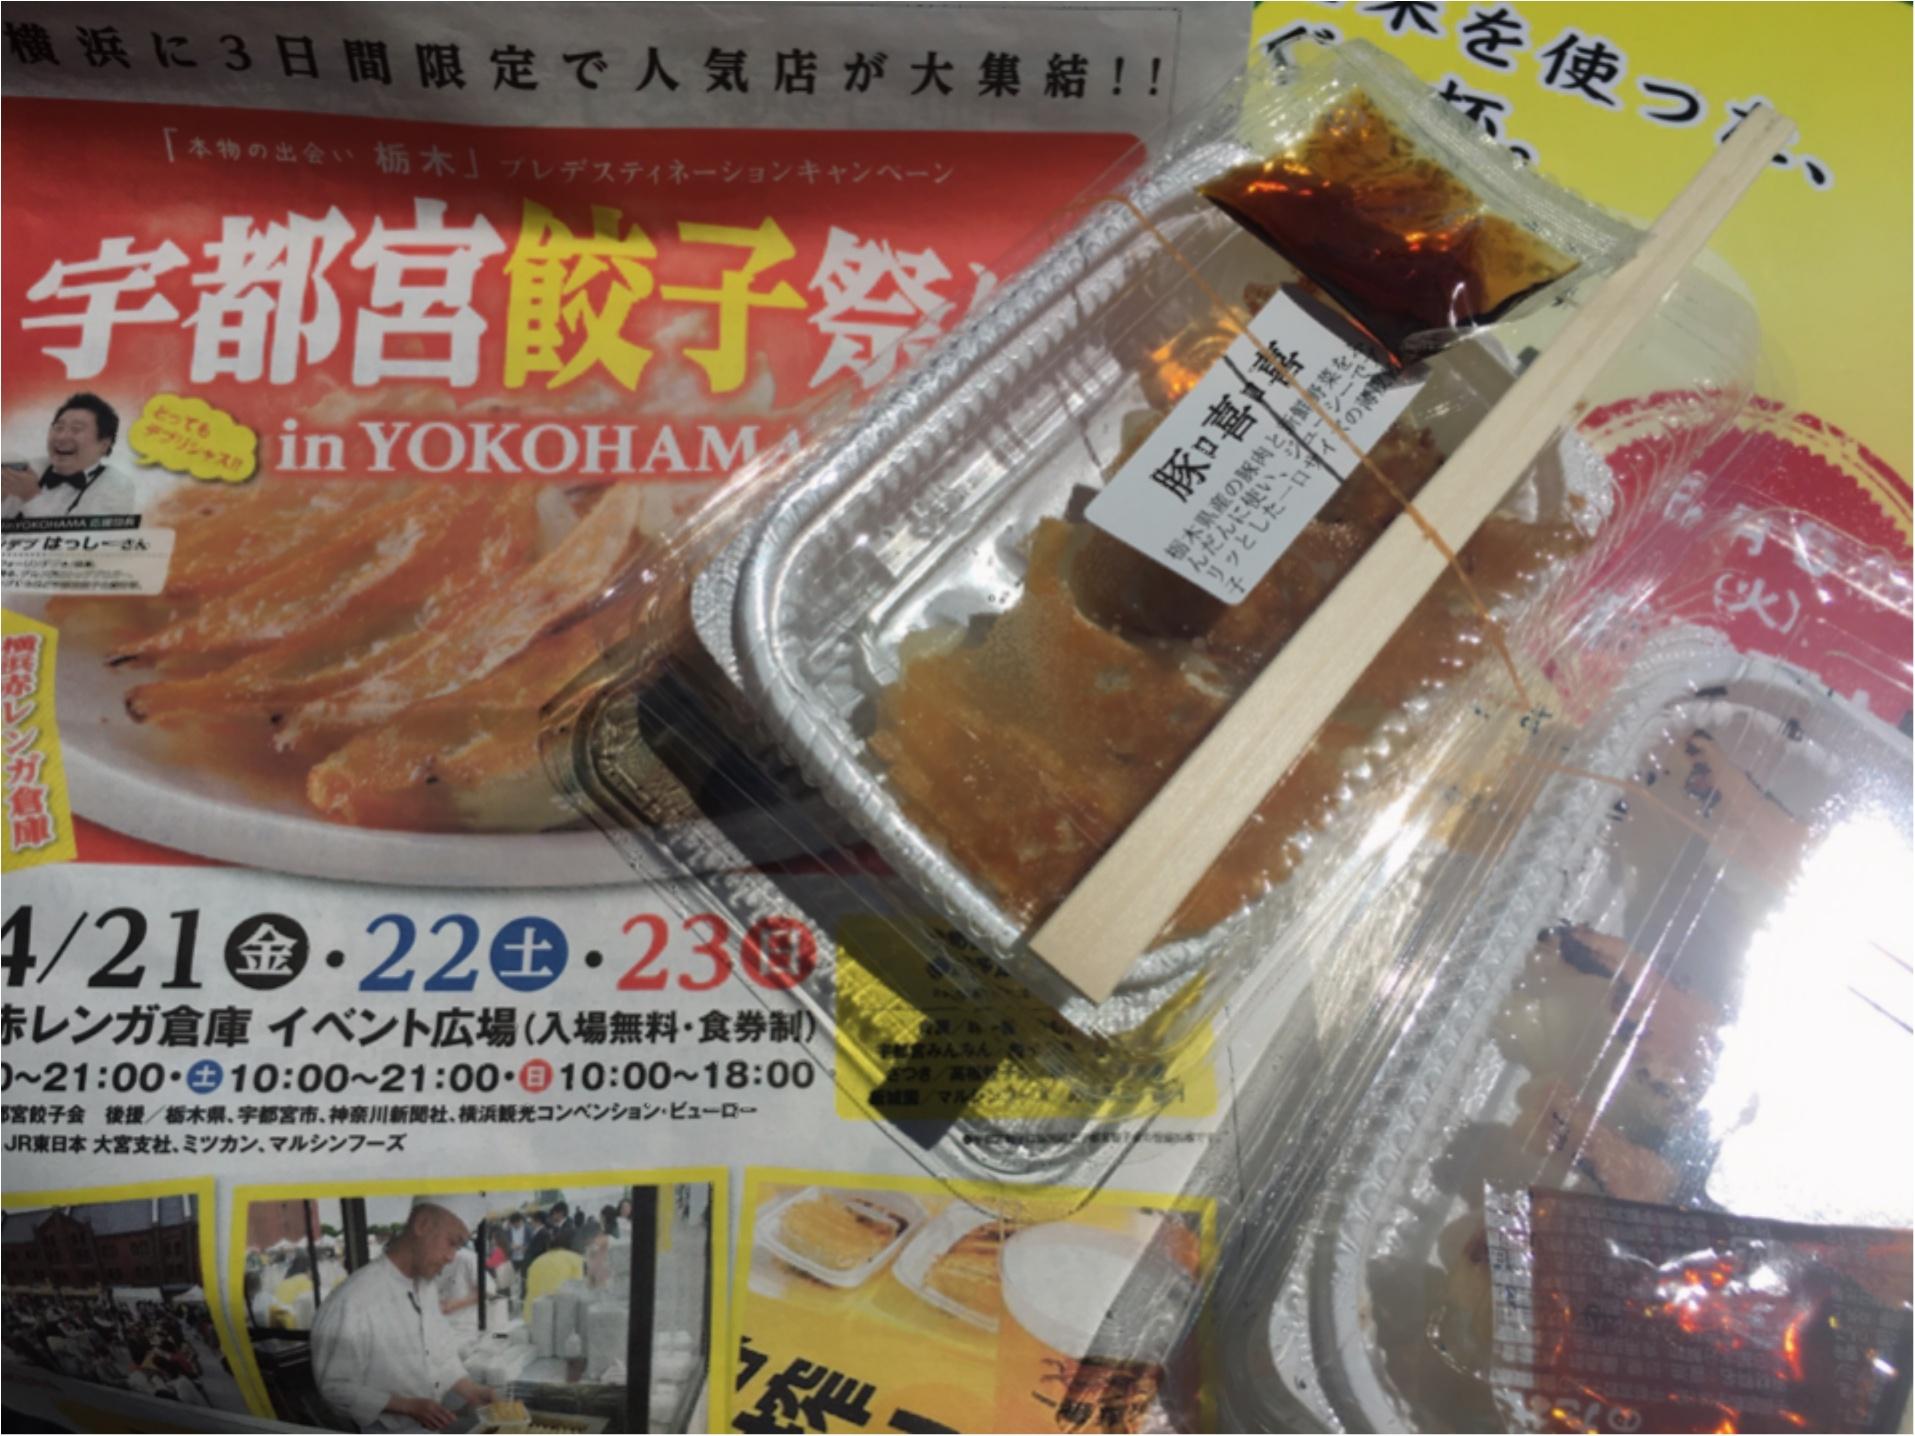 横浜赤レンガ倉庫★宇都宮餃子祭りで人気餃子食べ比べ!_2